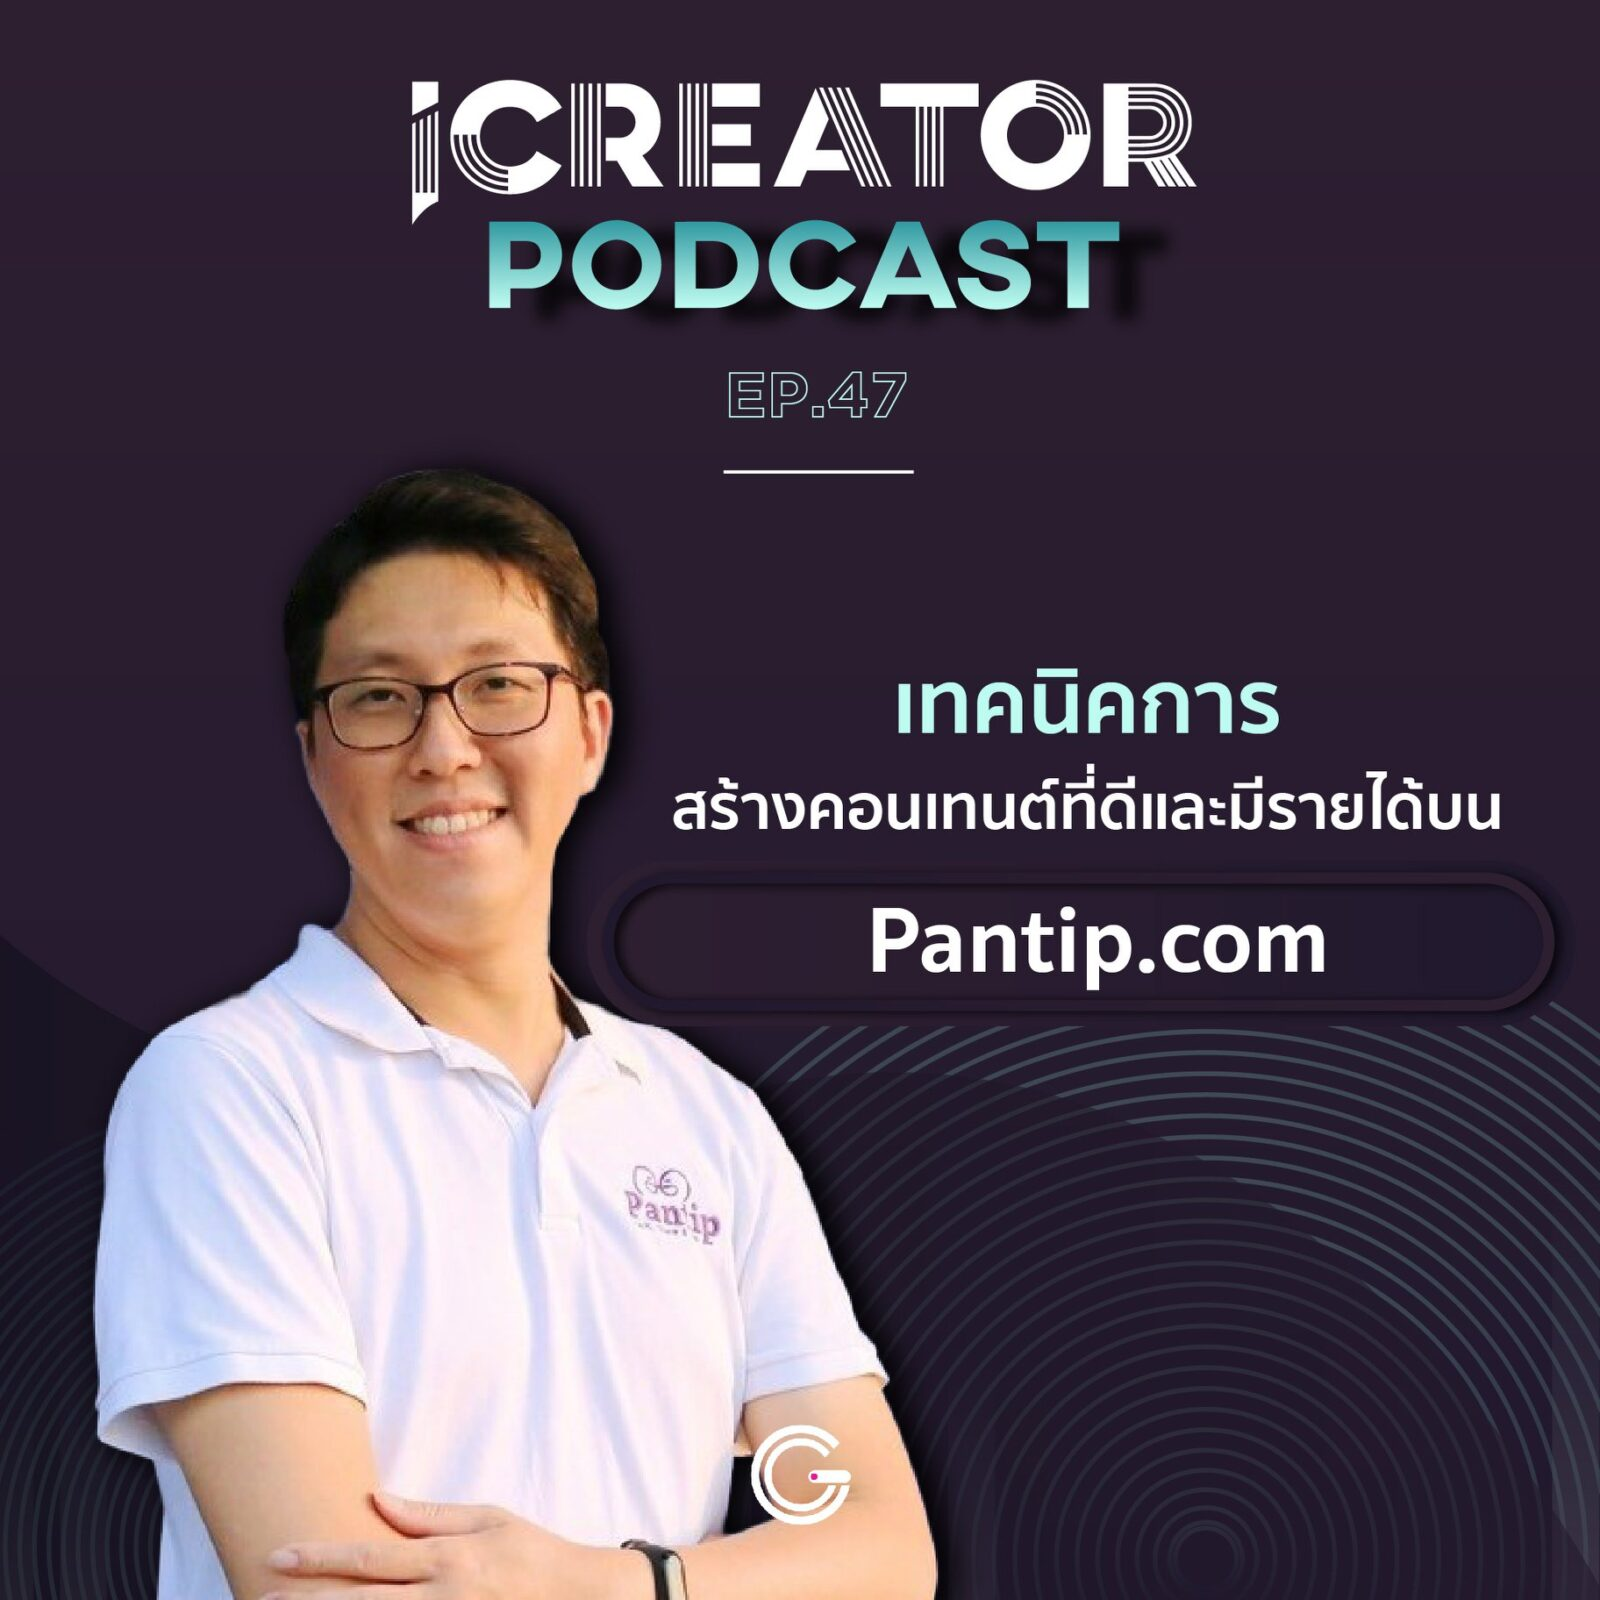 เทคนิคการสร้างคอนเทนต์ที่ดีและมีรายได้บนPantip.com